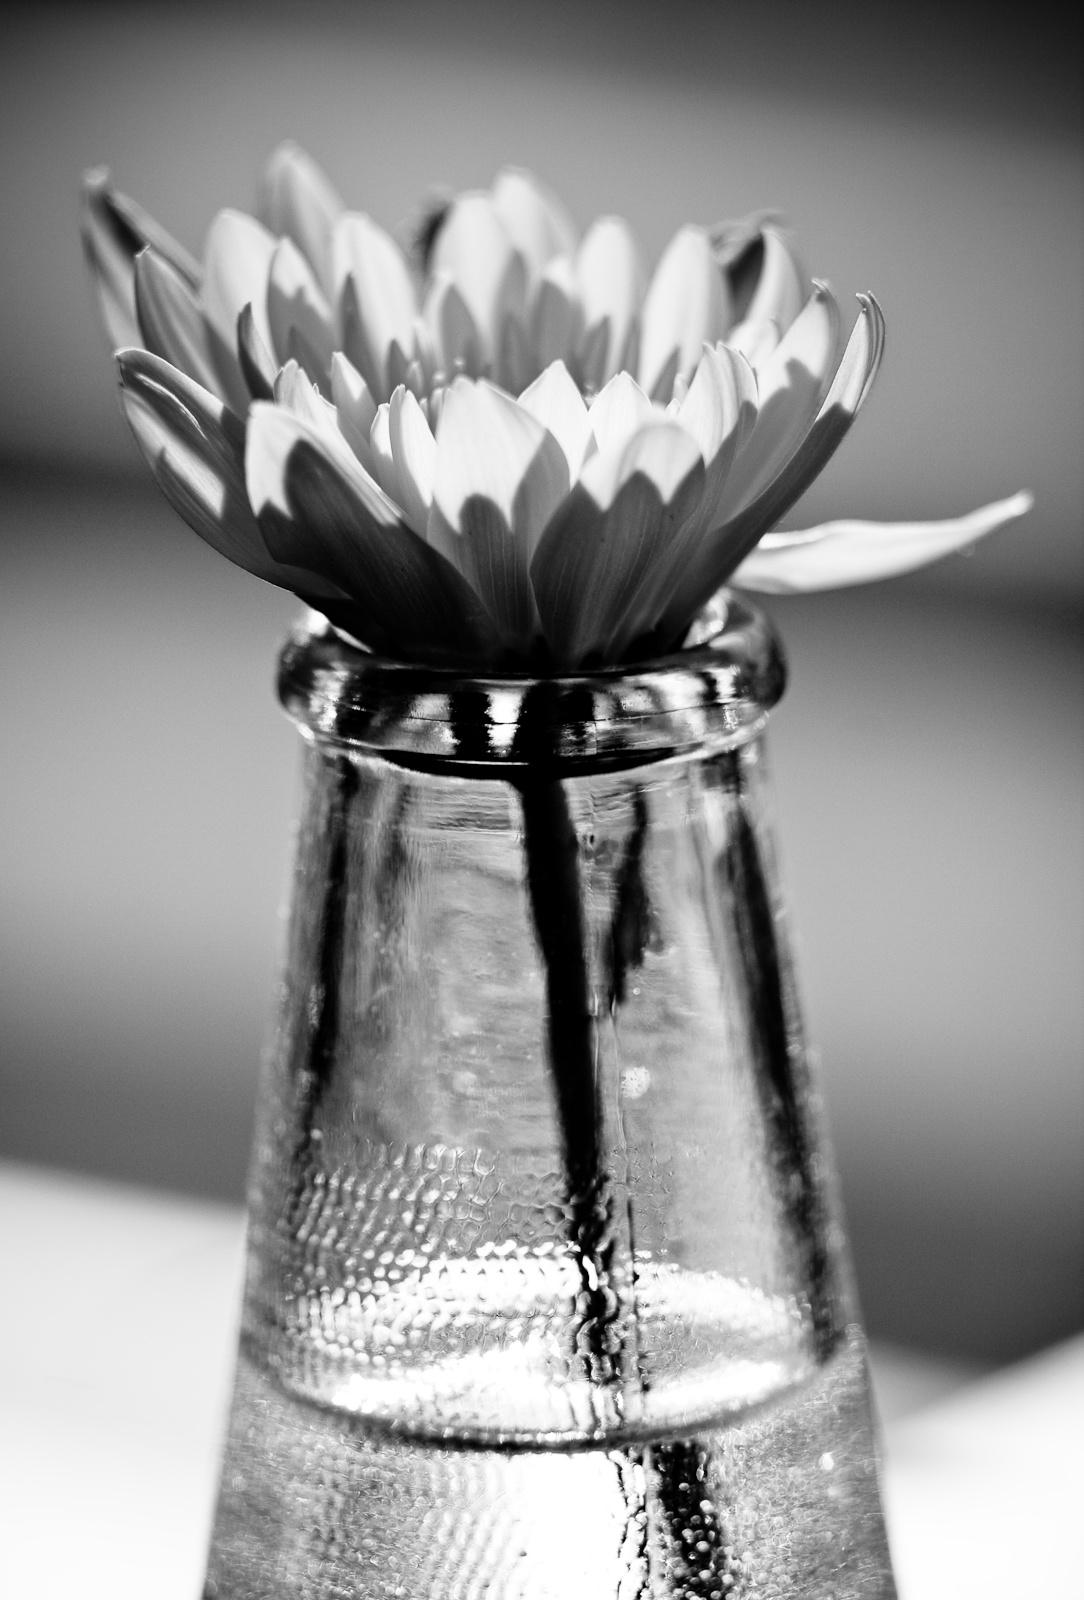 Virág üvegben 5